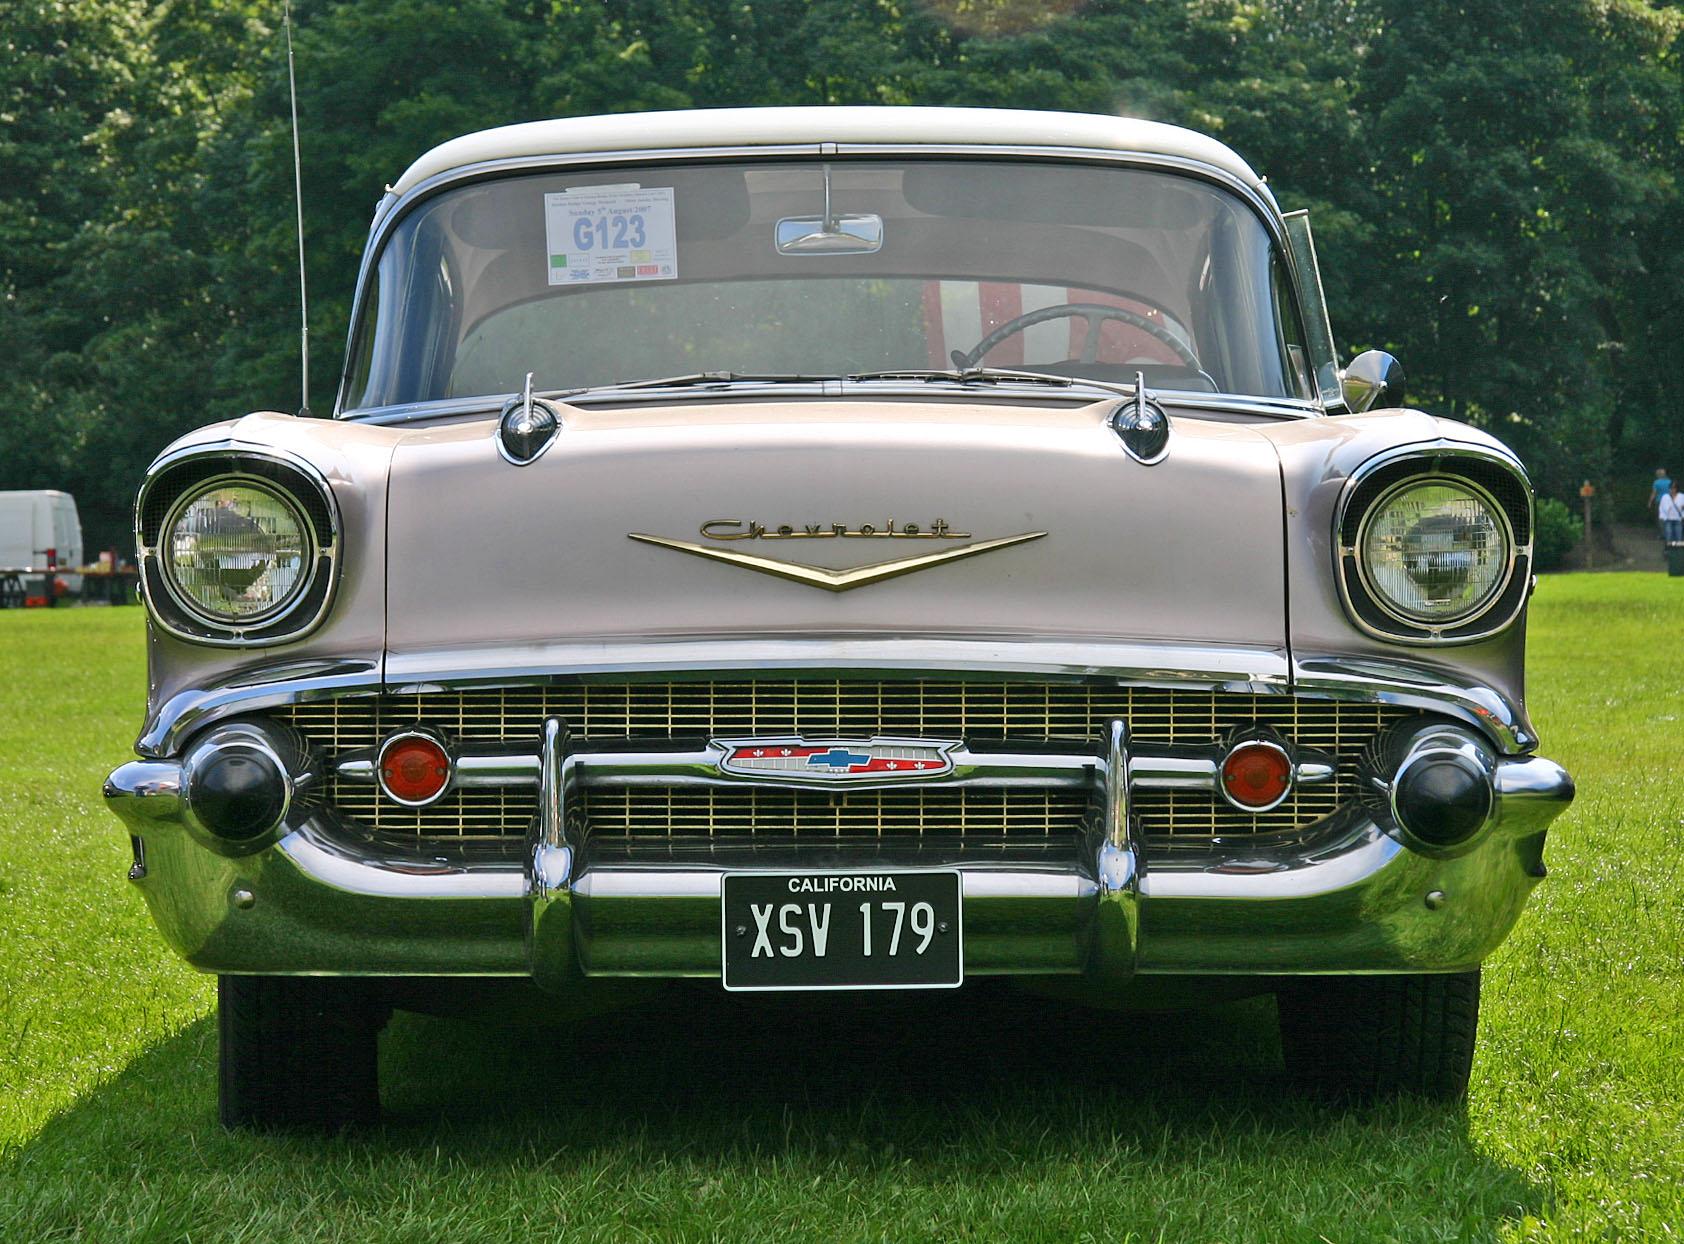 1957 Chevy Bel Air 4 Door Sedan 1684 x 1244 · 470 kB · jpeg